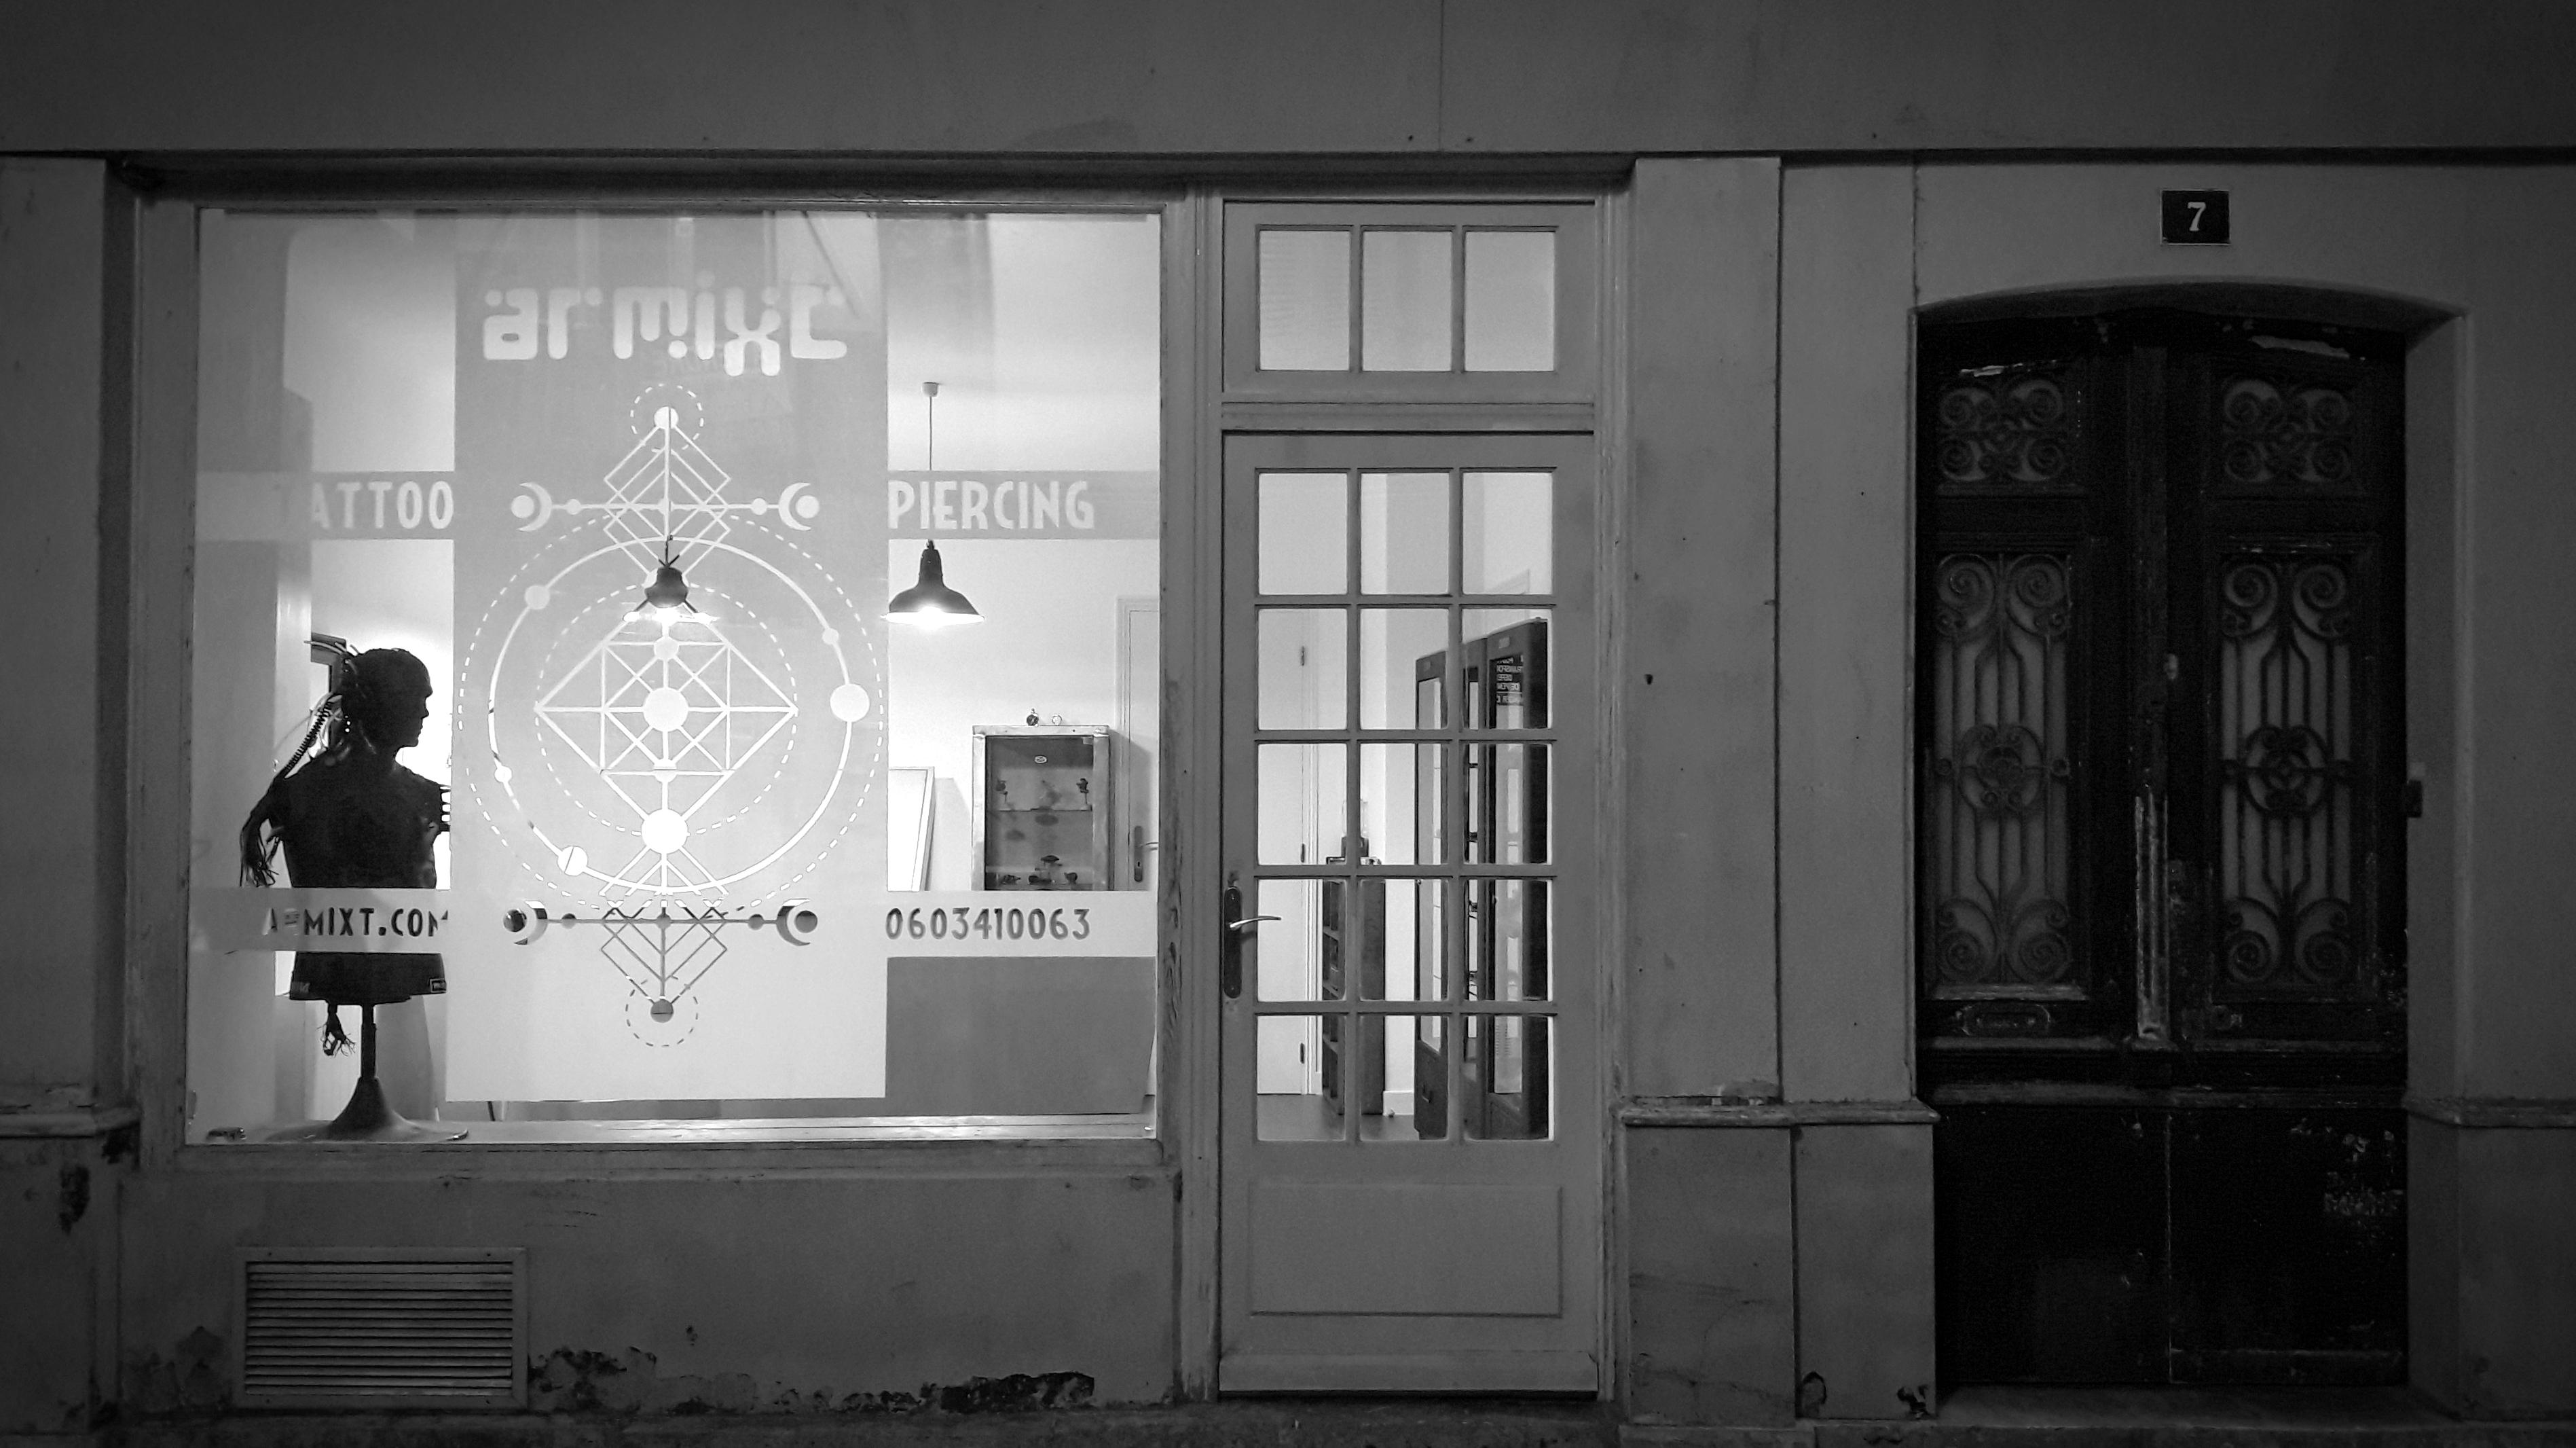 Armixt - Studio de piercing et tatouage - Shop - Oloron Ste-Marie (64)